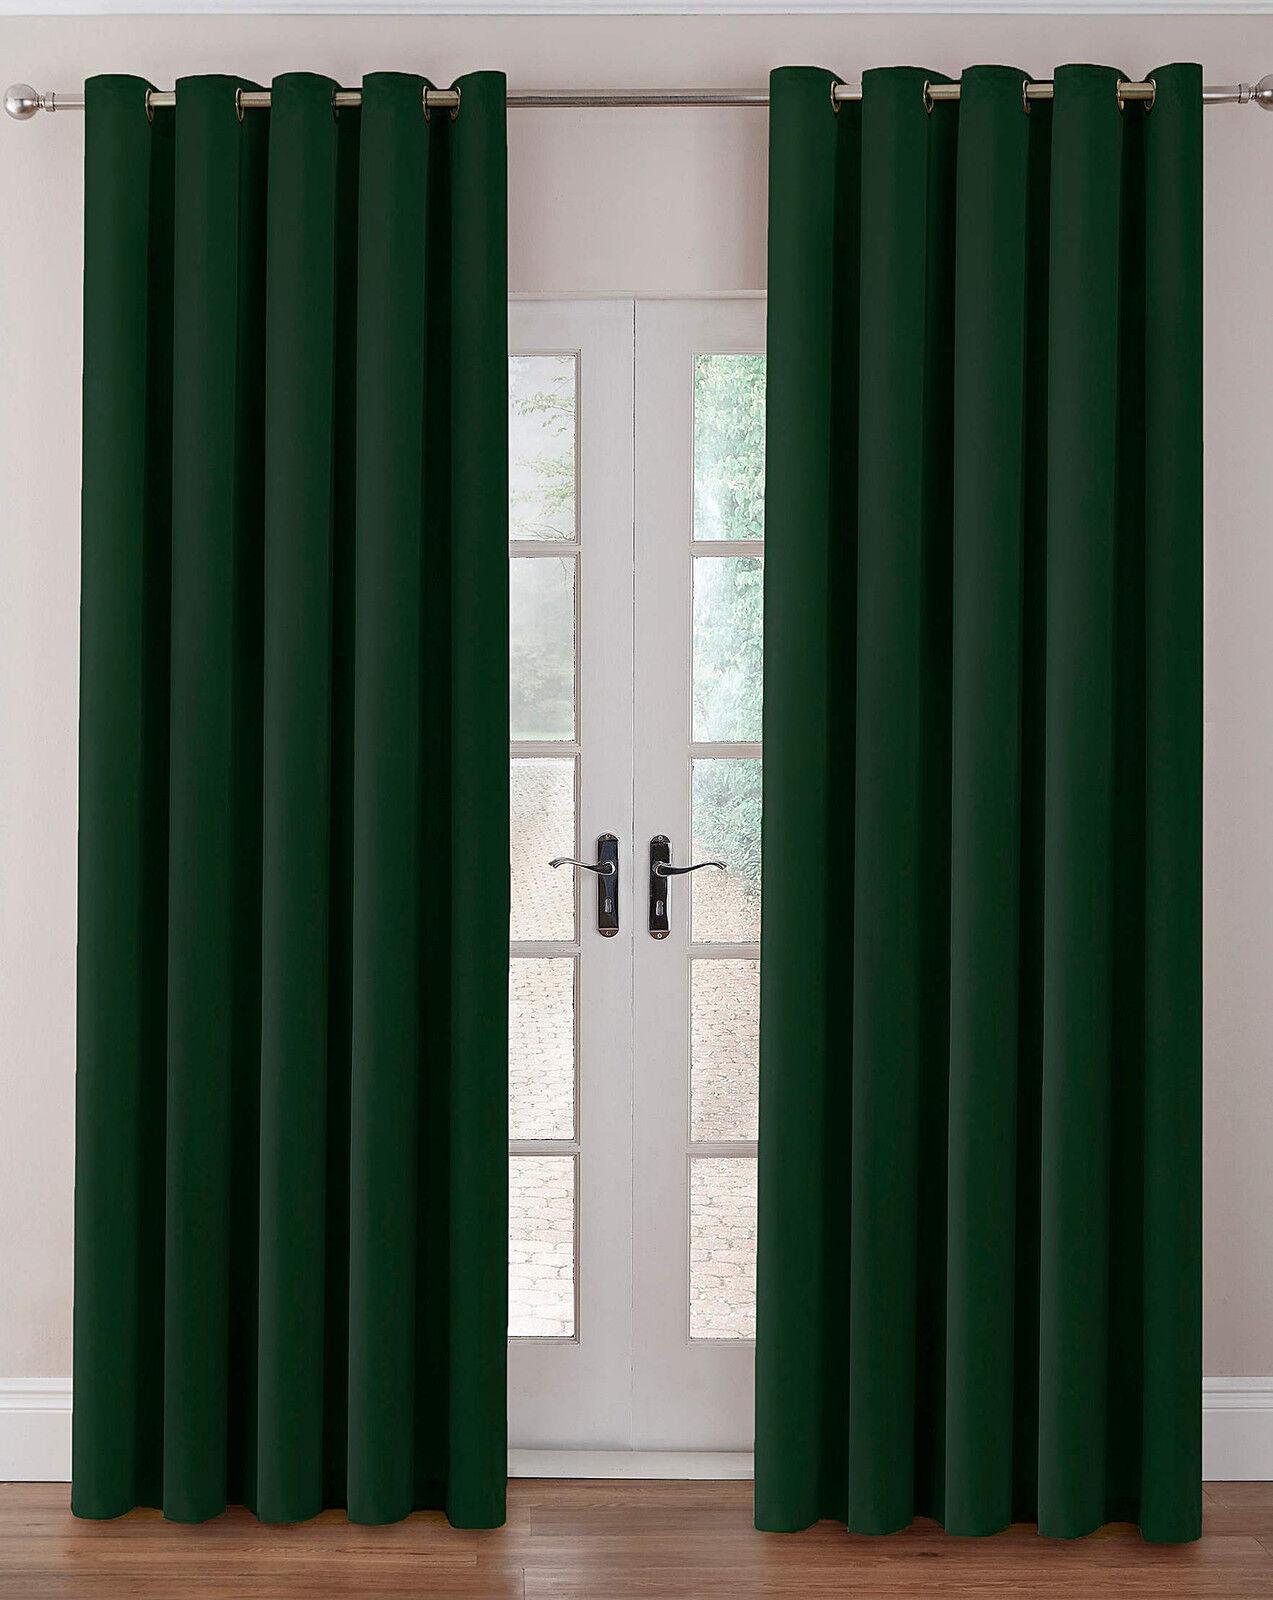 Plaine de velours velours velours velours thermique teints rideaux à anneaux dans plusieurs couleurs 455a9c